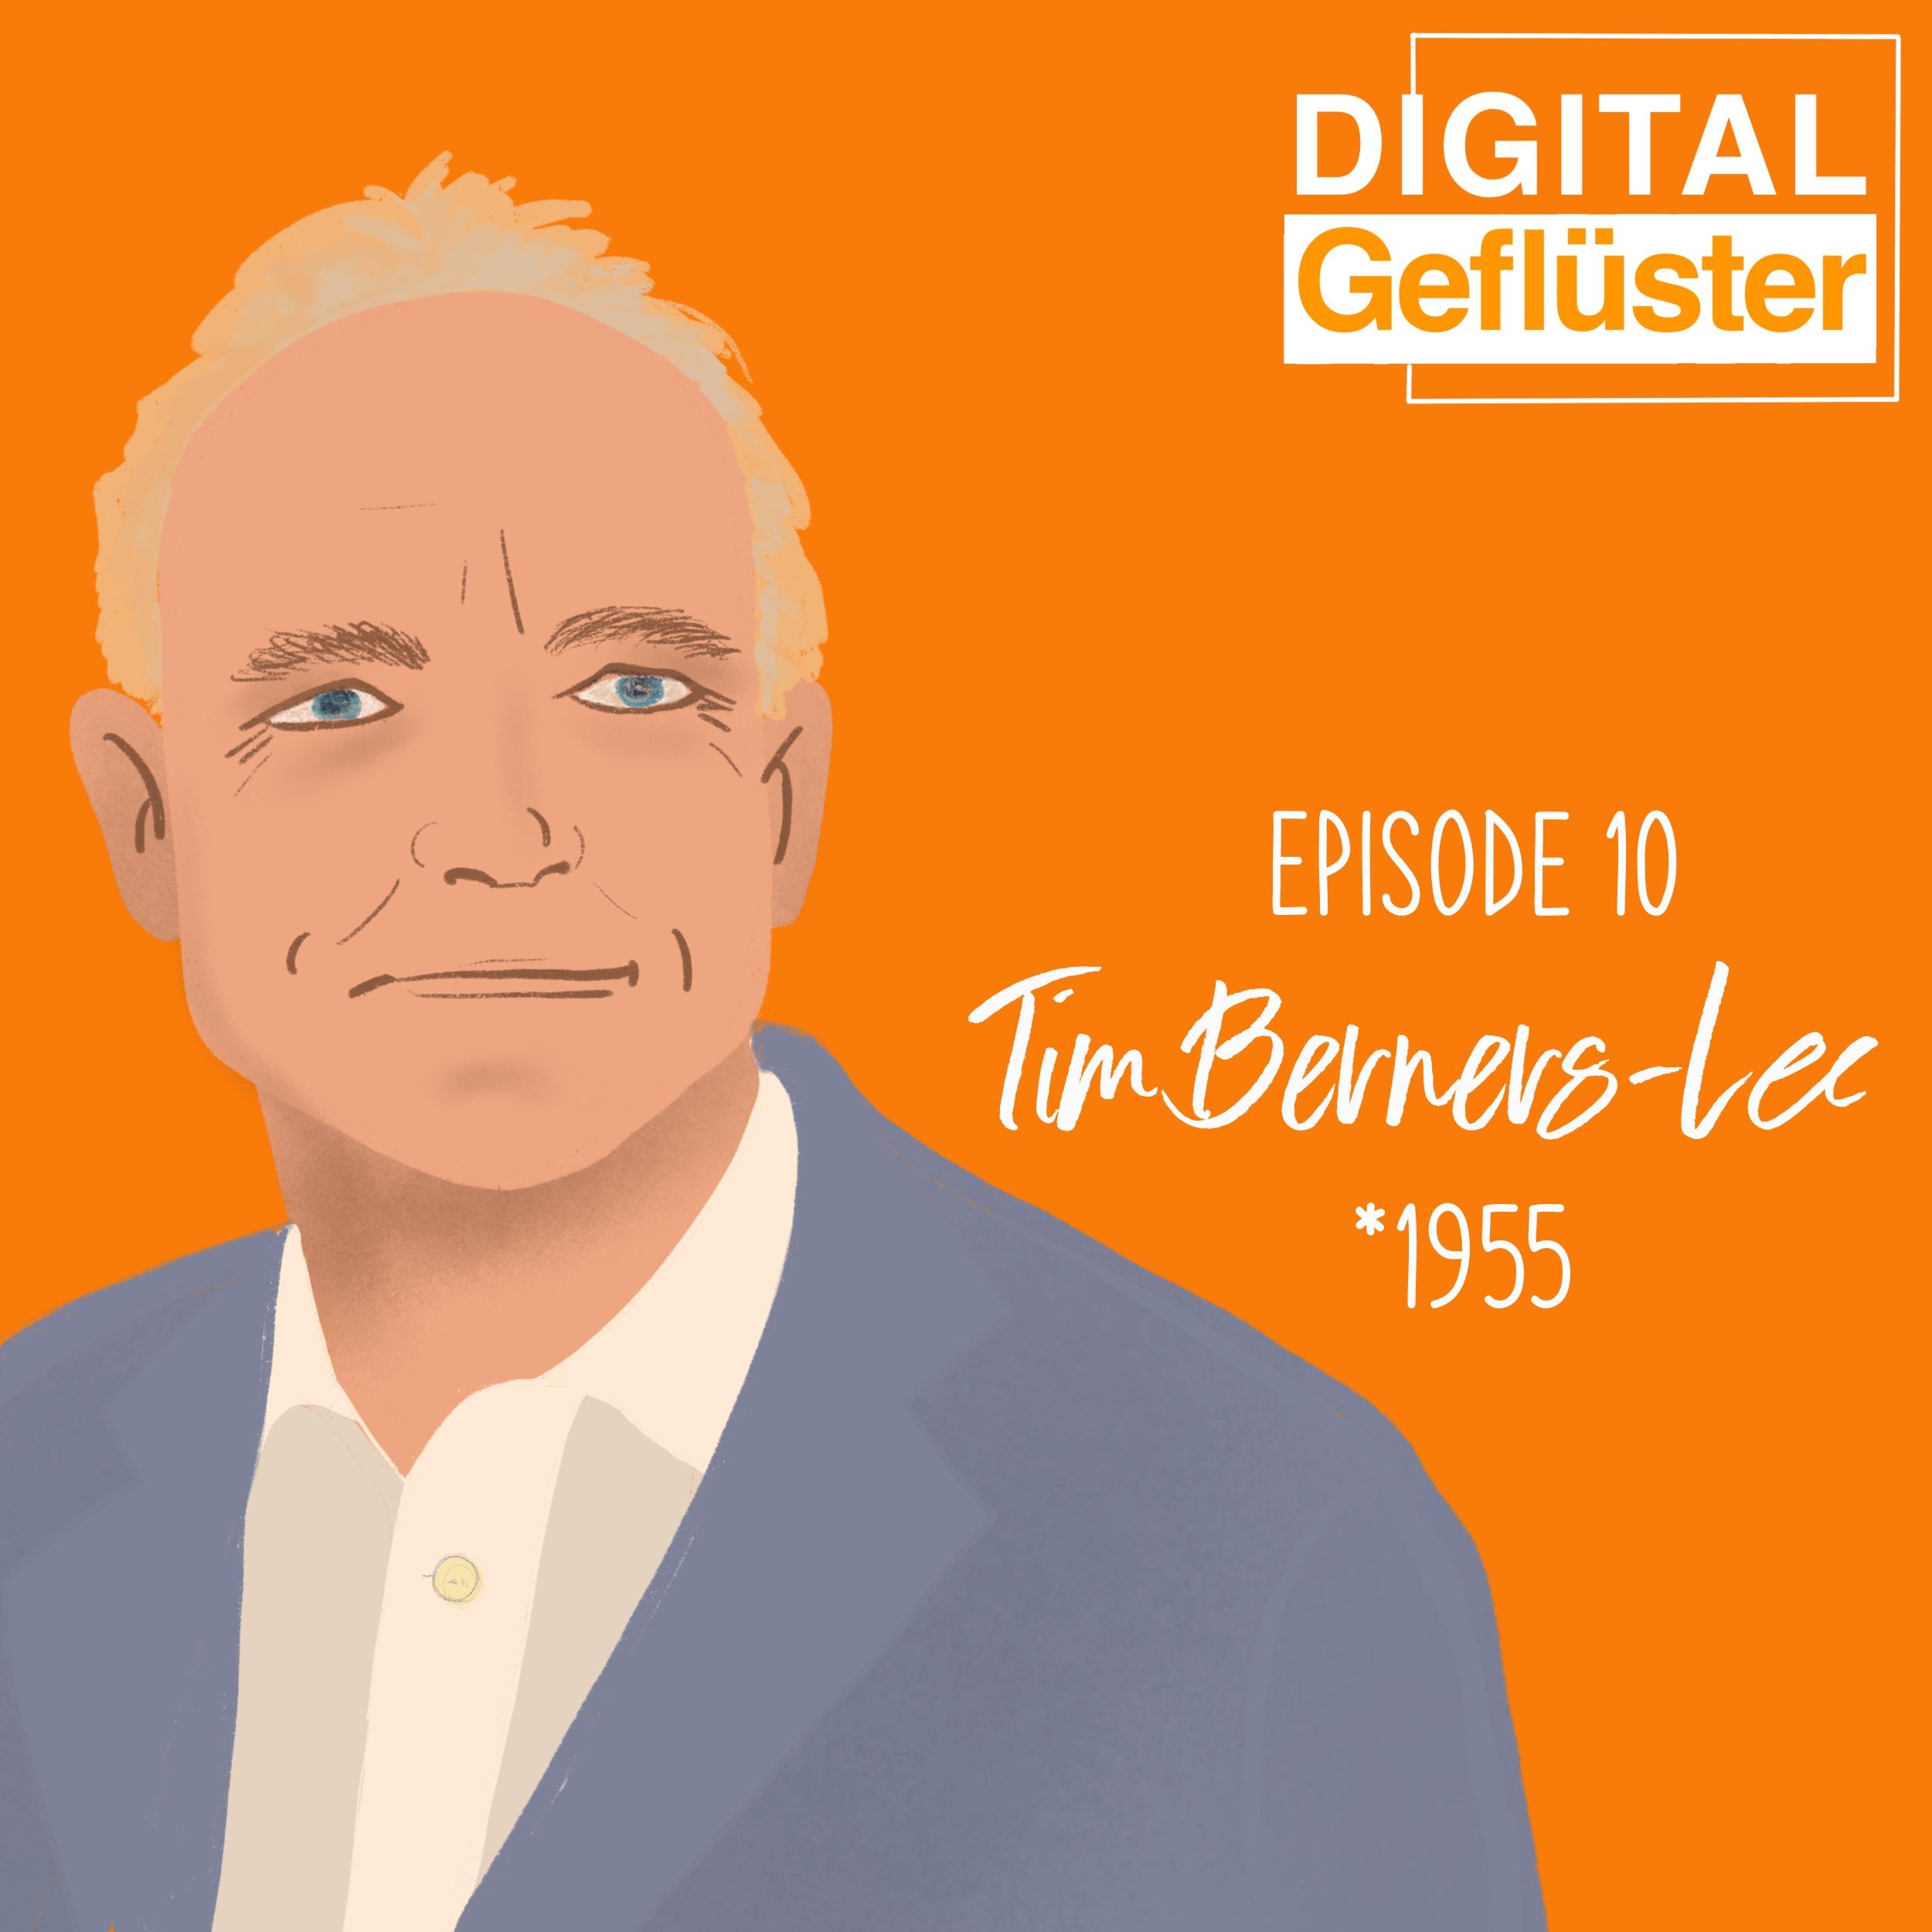 [10] Legenden der Informatik #5: Tim Berners-Lee